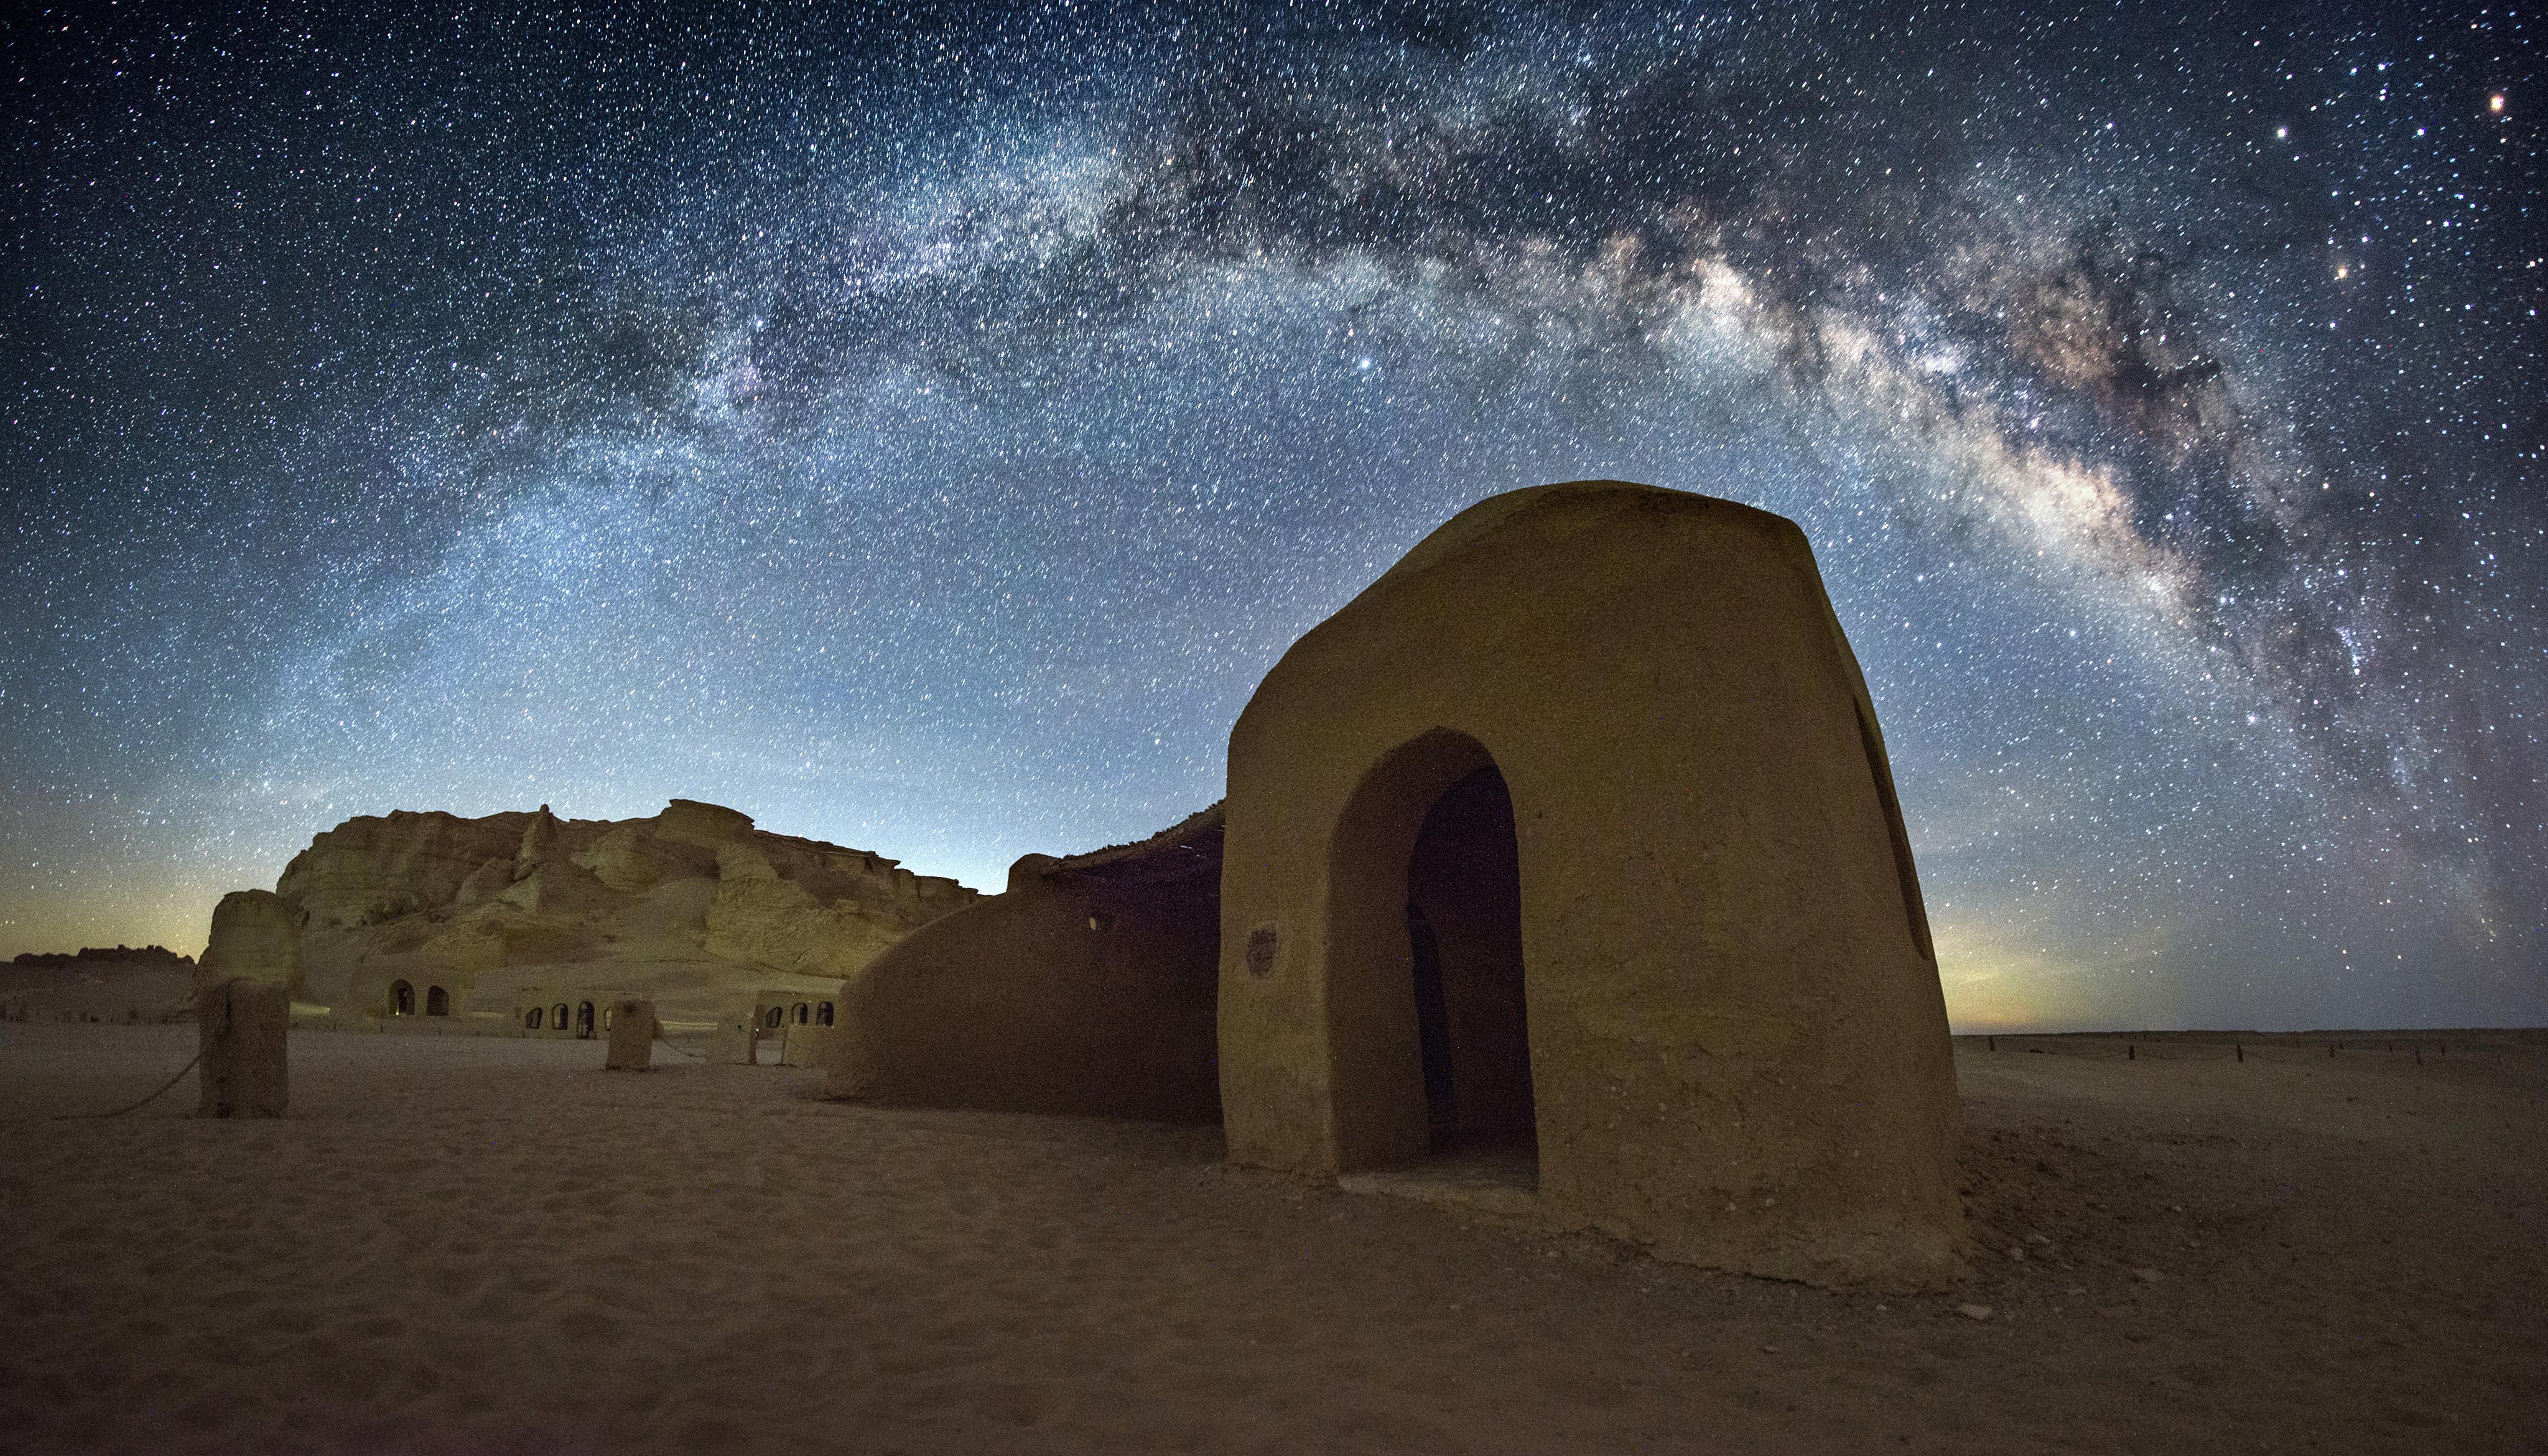 05-SamyOlabi-Abandoned I -Wadi Hitan